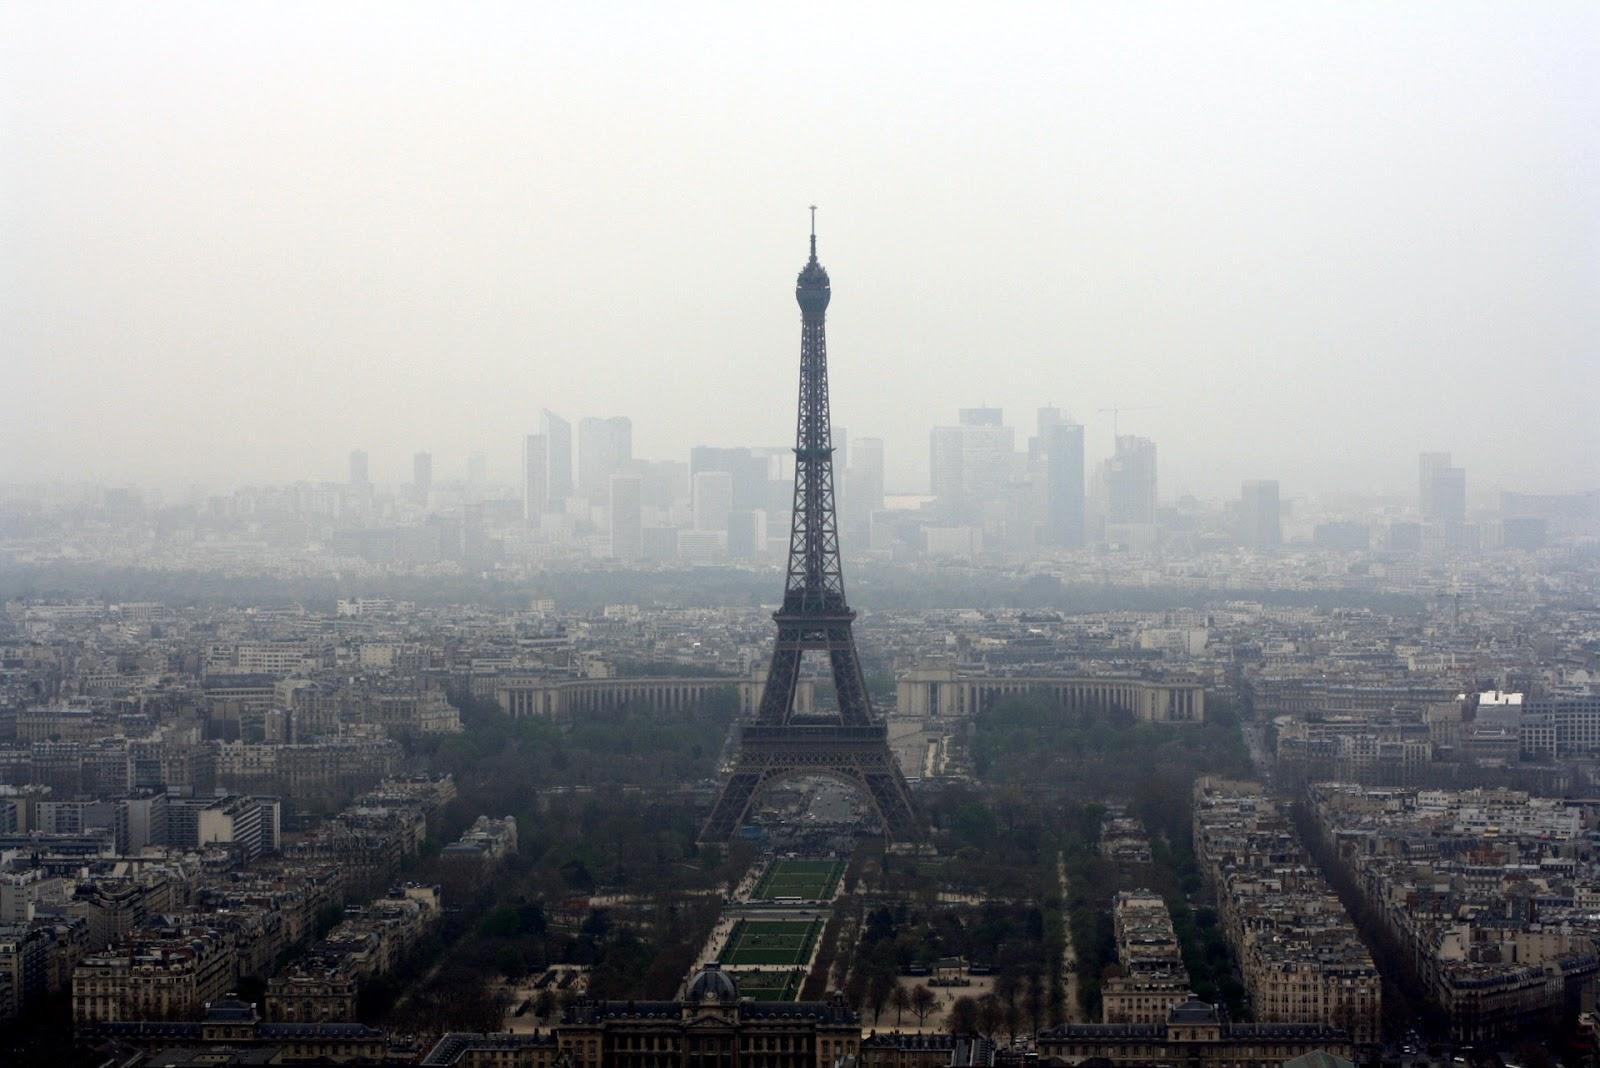 Acordo de Paris tornou capital francesa uma das referências contra poluição no mundo. (Fonte: Pexels)